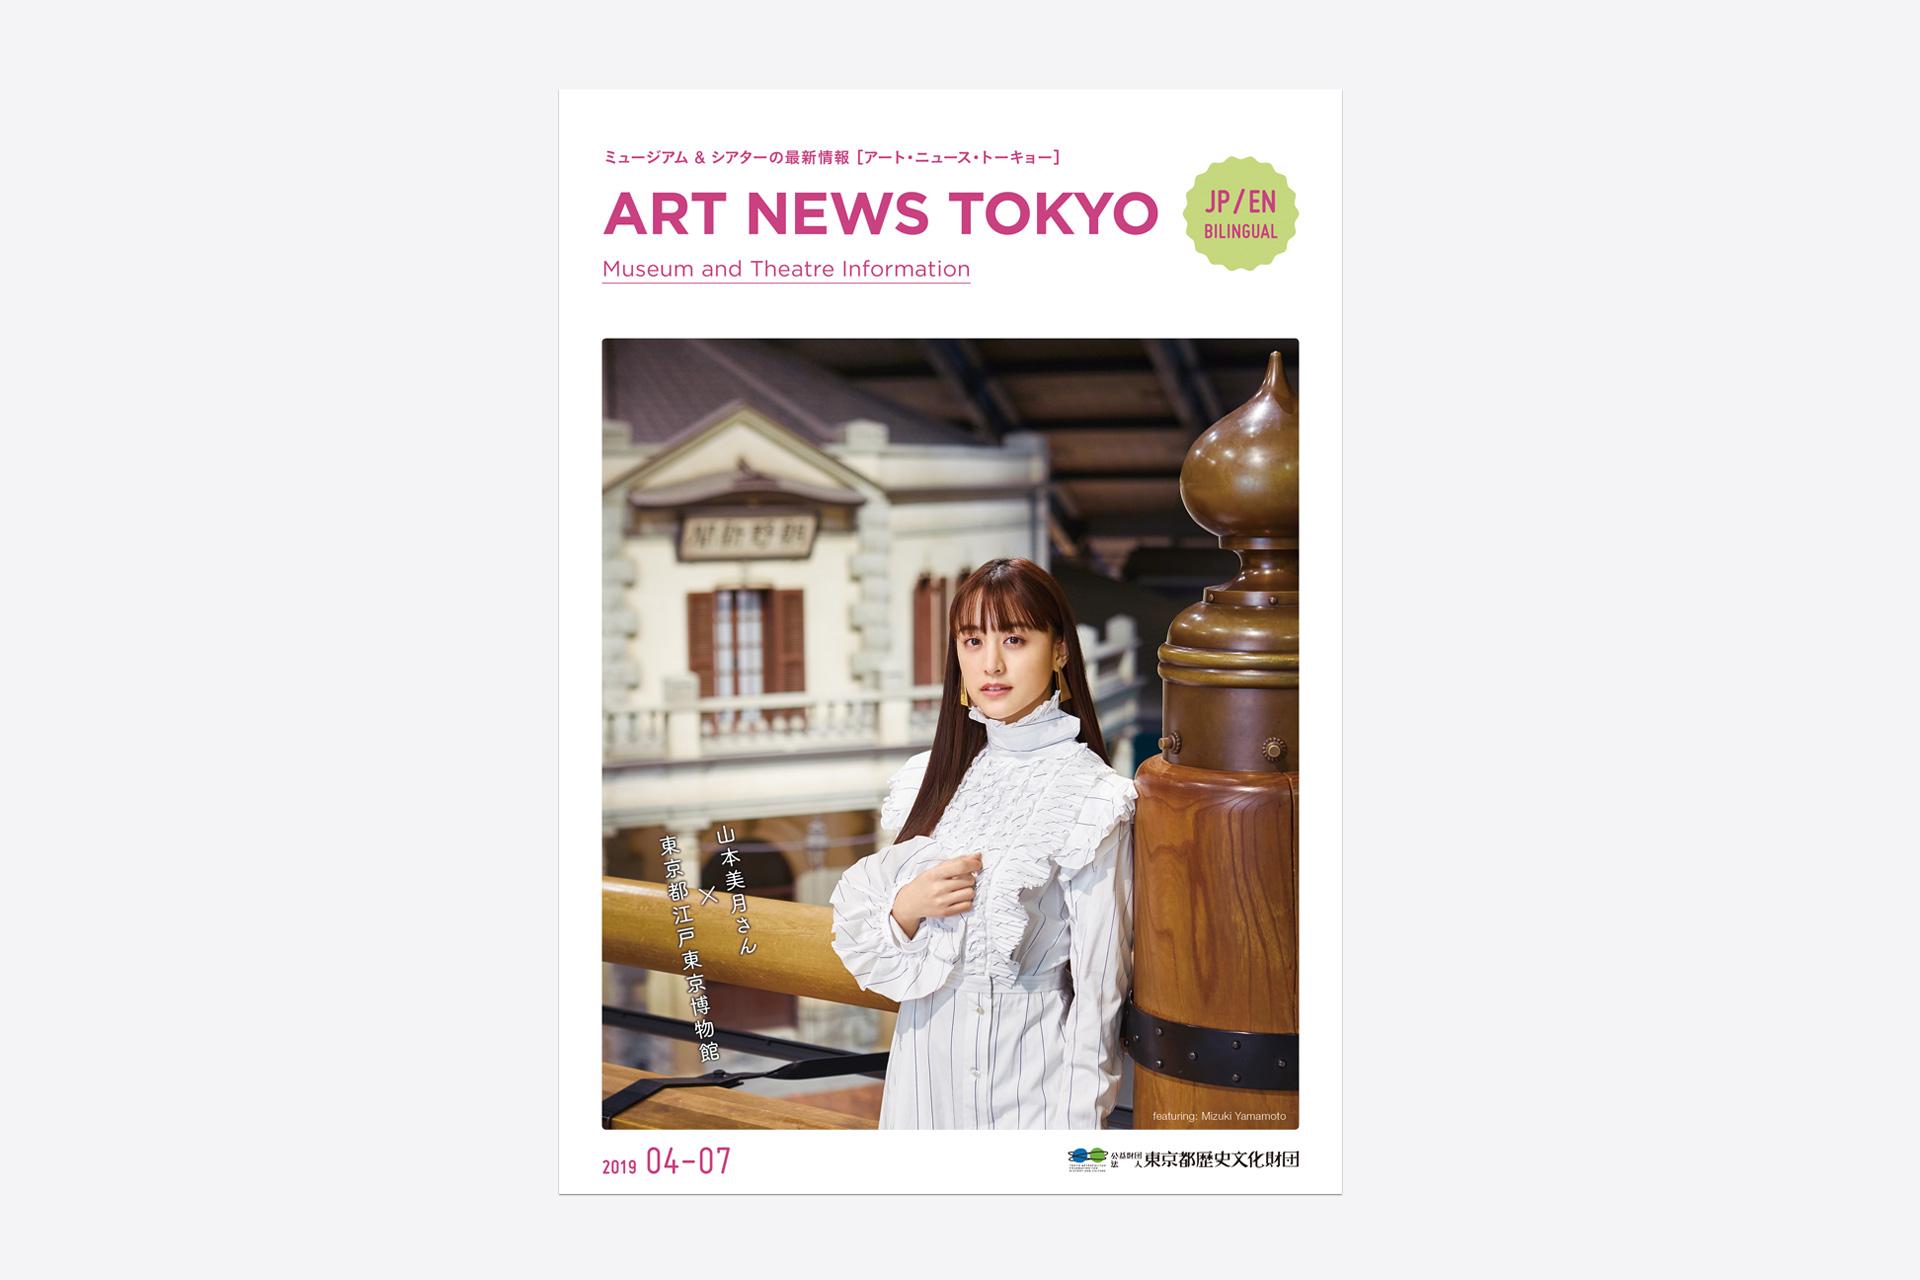 ART NEWS TOKYO 2019 04-07